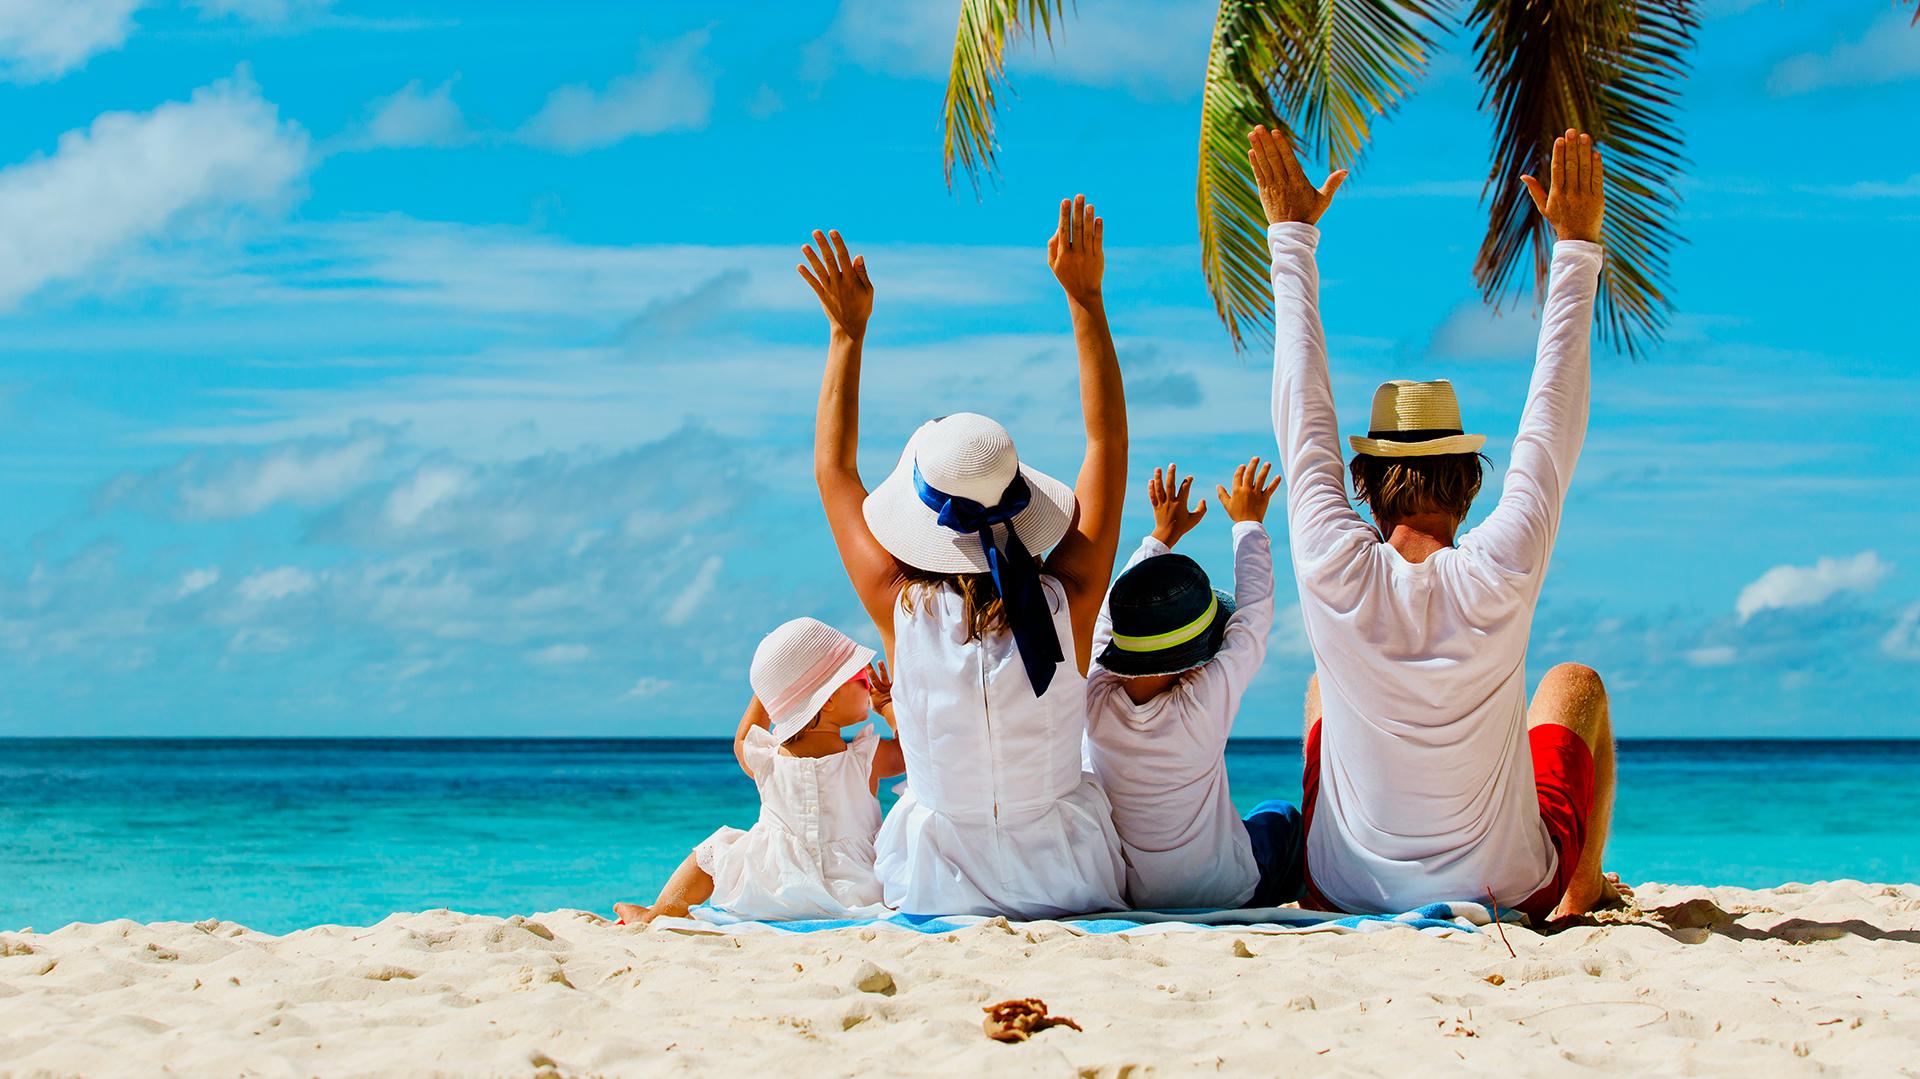 Un mes o una semana? La ciencia develó cómo son las vacaciones ideales - Infobae